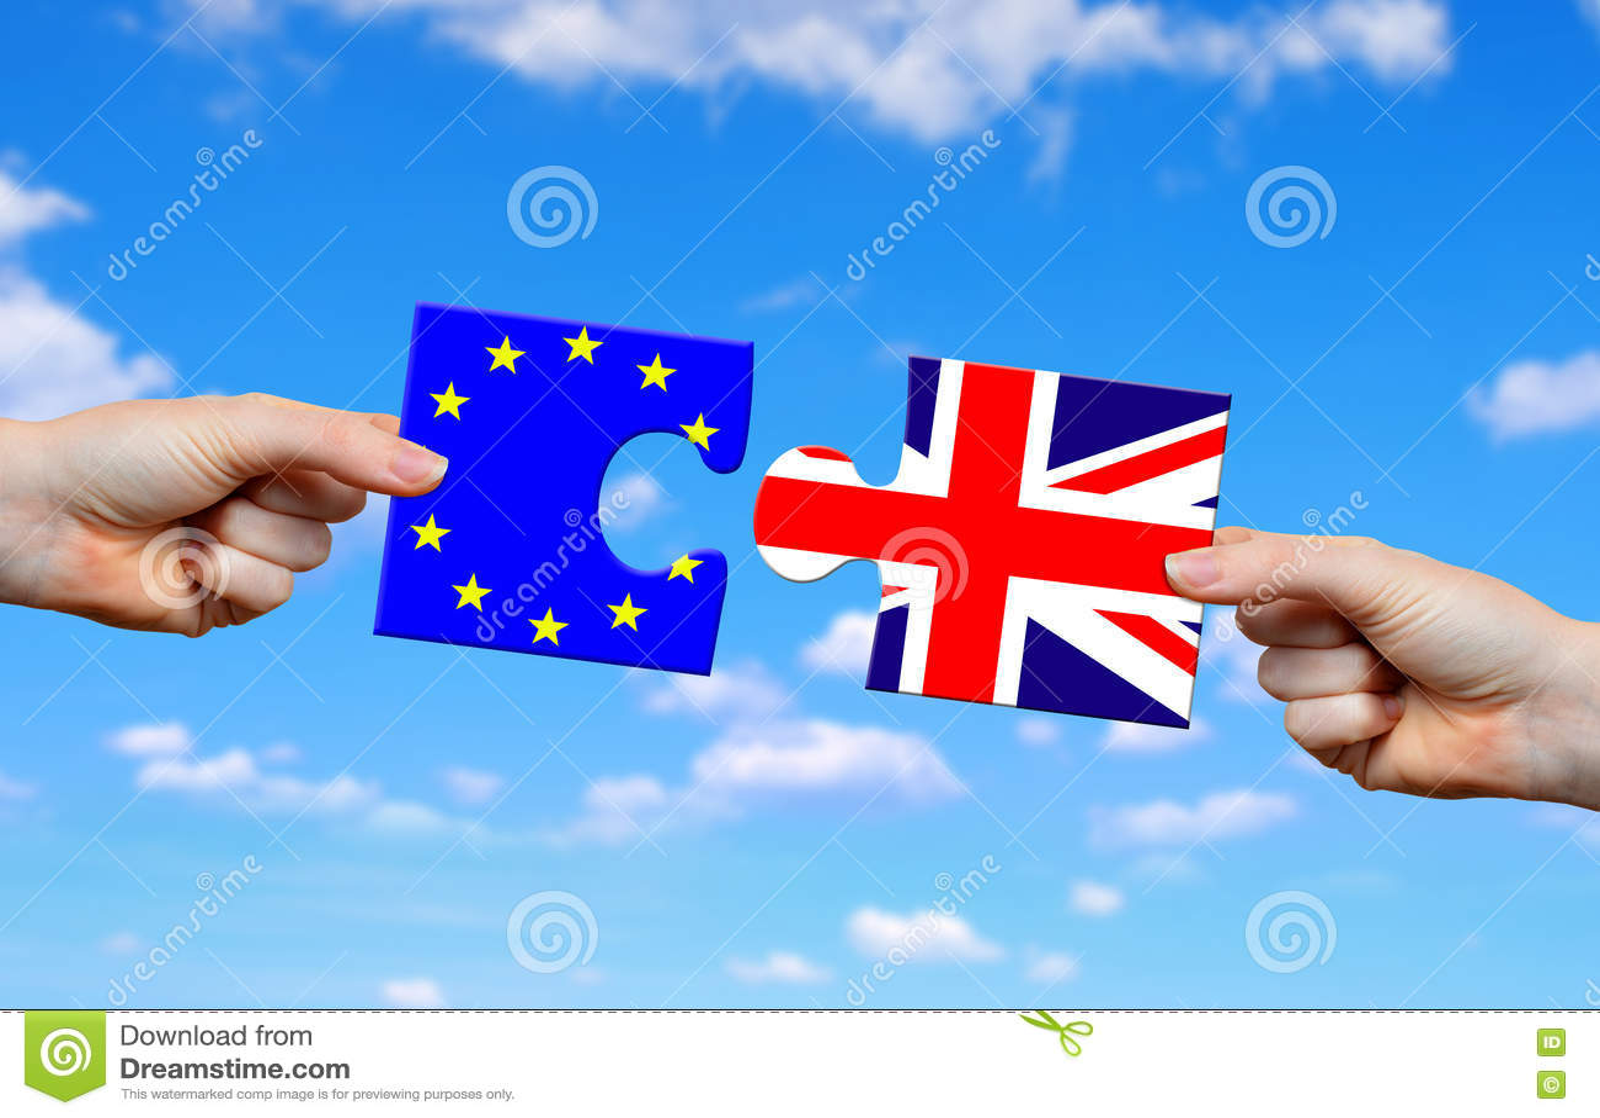 Brexit concept.